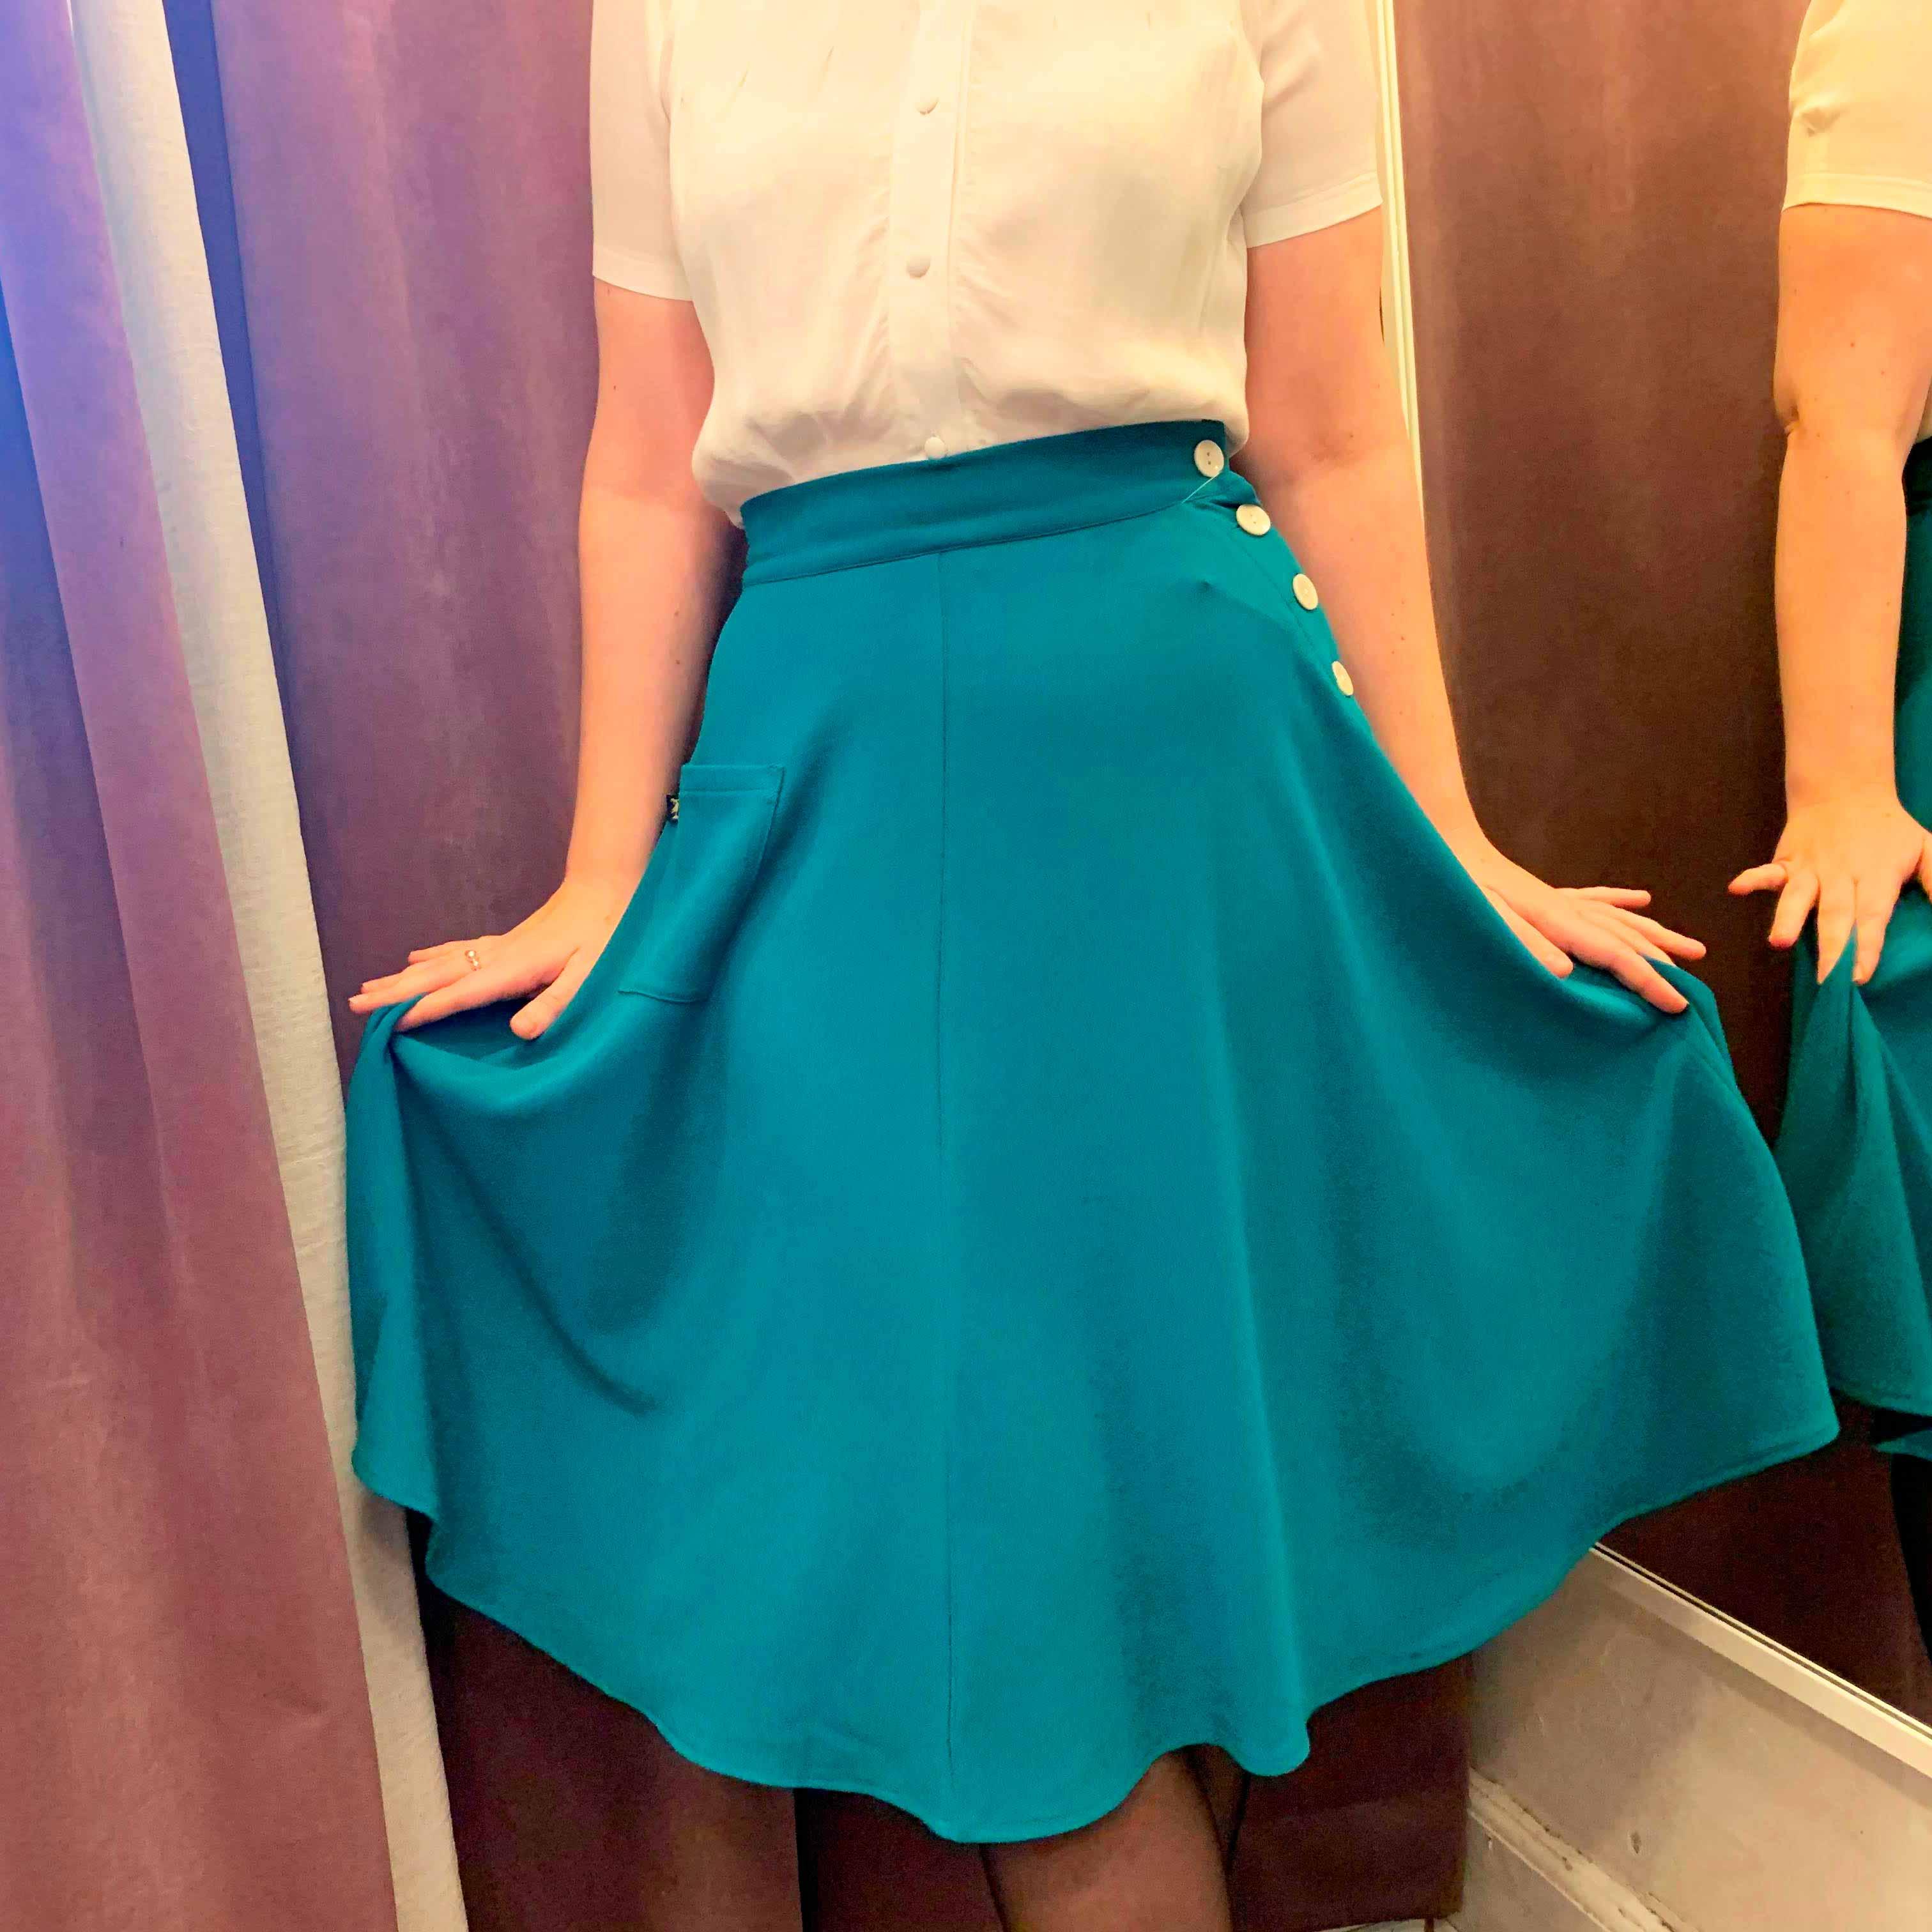 Turkis aline nederdel med knapper i retro stil